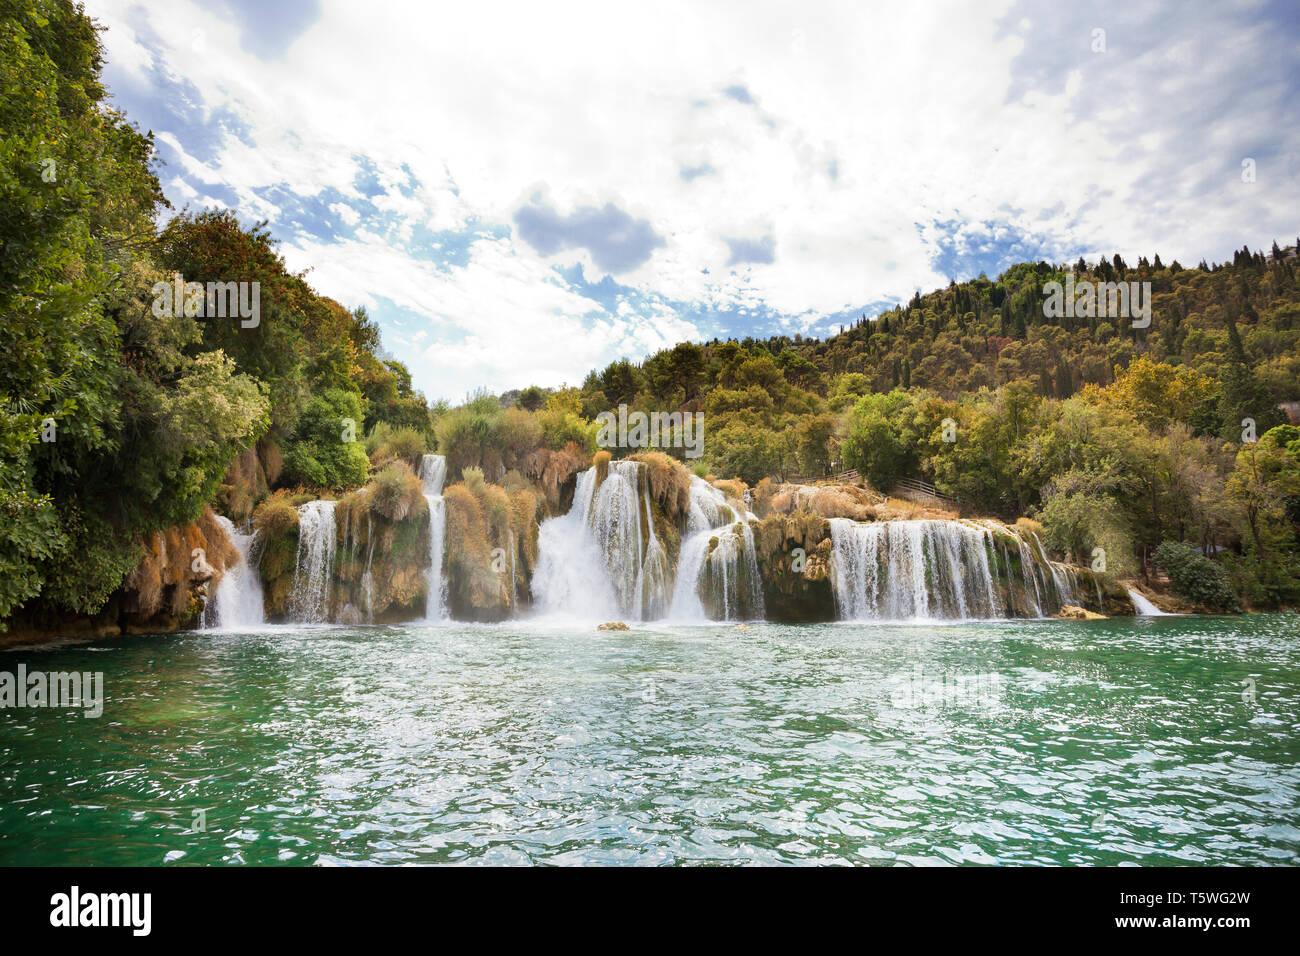 Krka, Sibenik, Kroatien, Europa - Schwimmen in der Wasserfälle von Krka Nationalpark Stockfoto